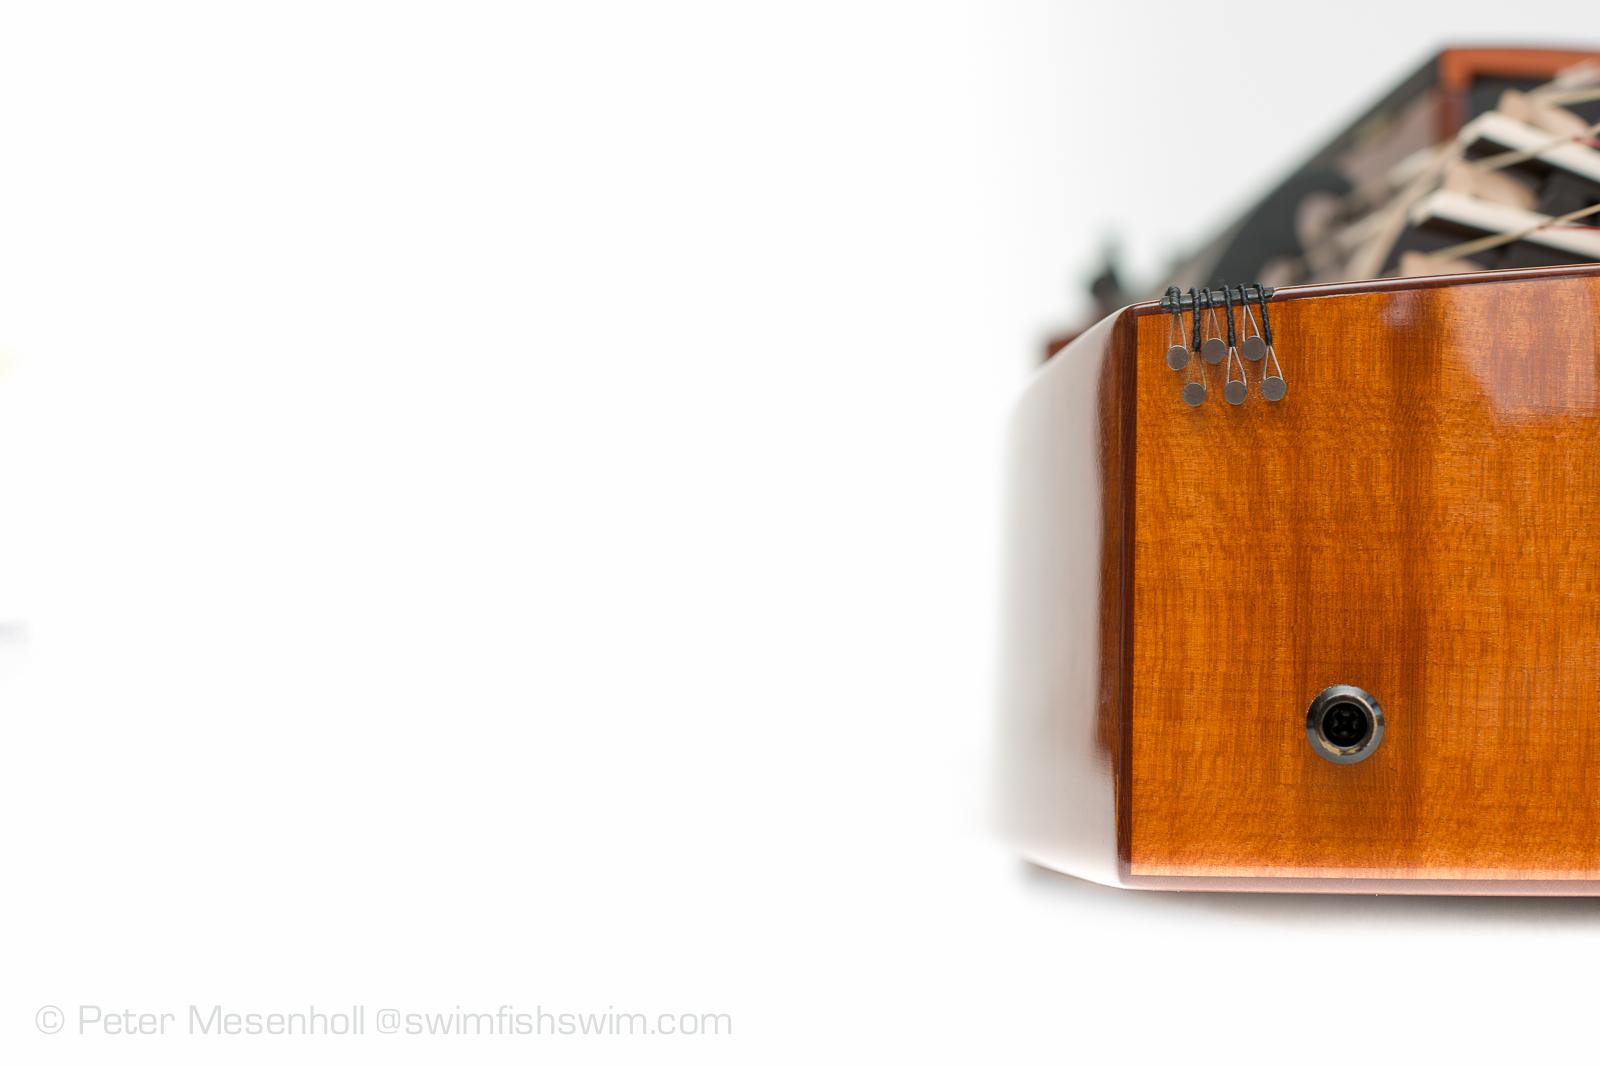 Drehleier - Produktfotografie